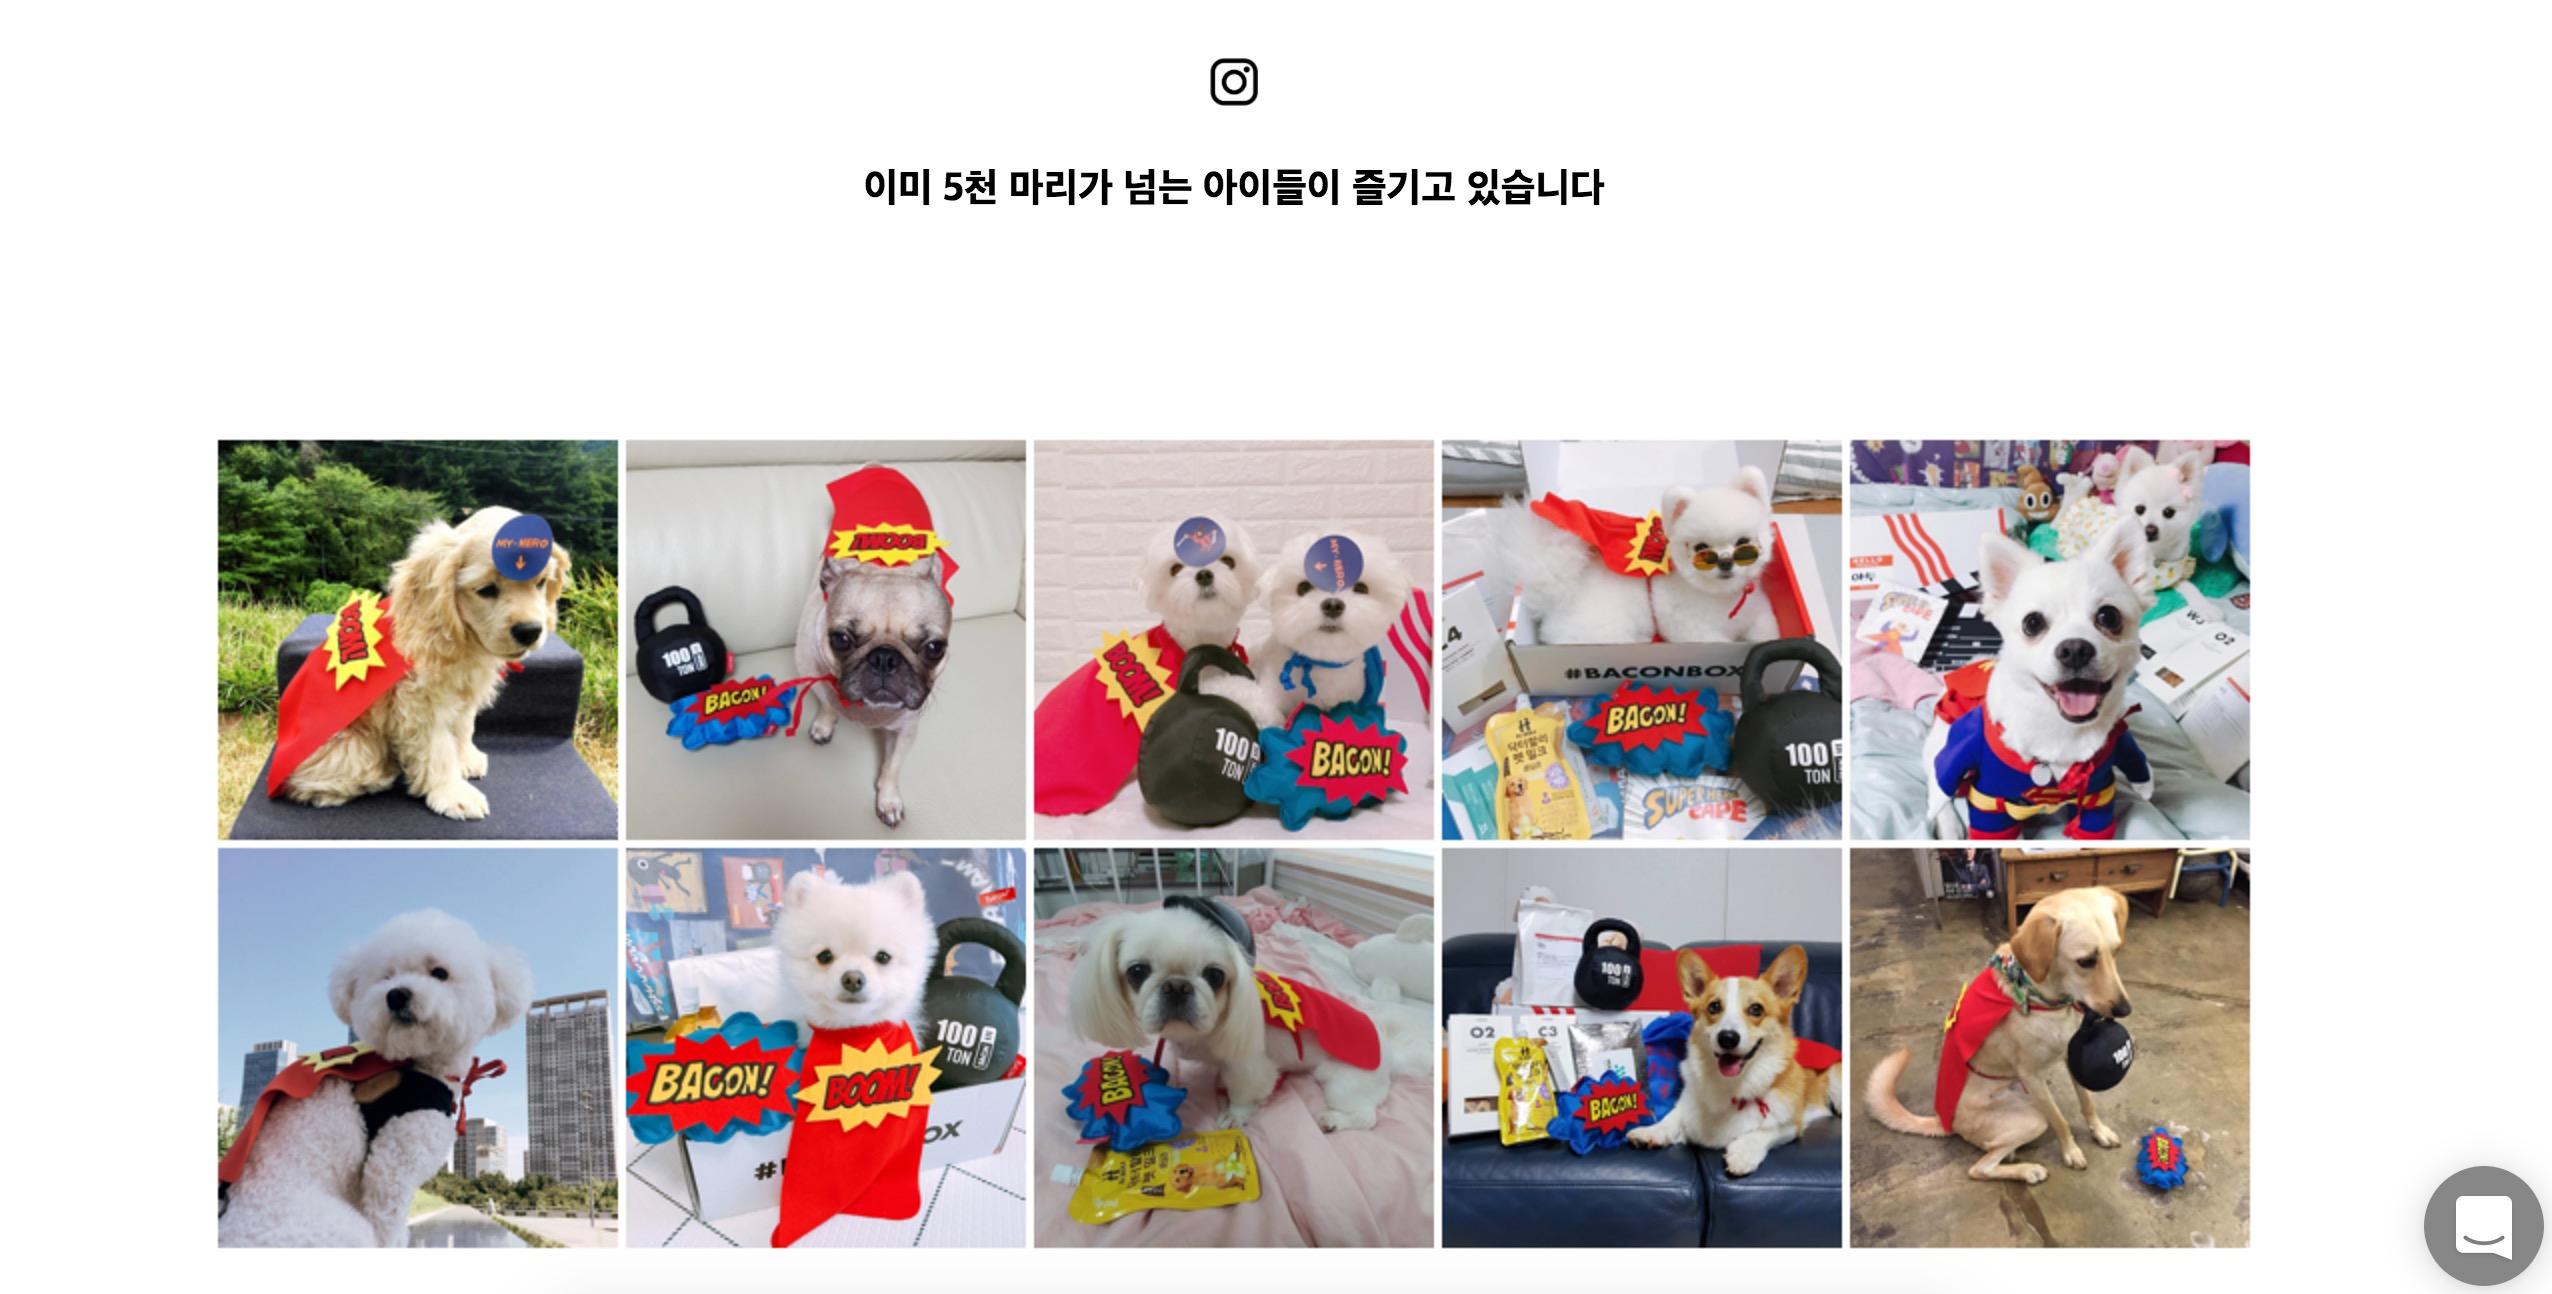 워드프레스 쇼핑몰 사례-코드엠샵-정기결제-베이컨박스-우커머스사례-4